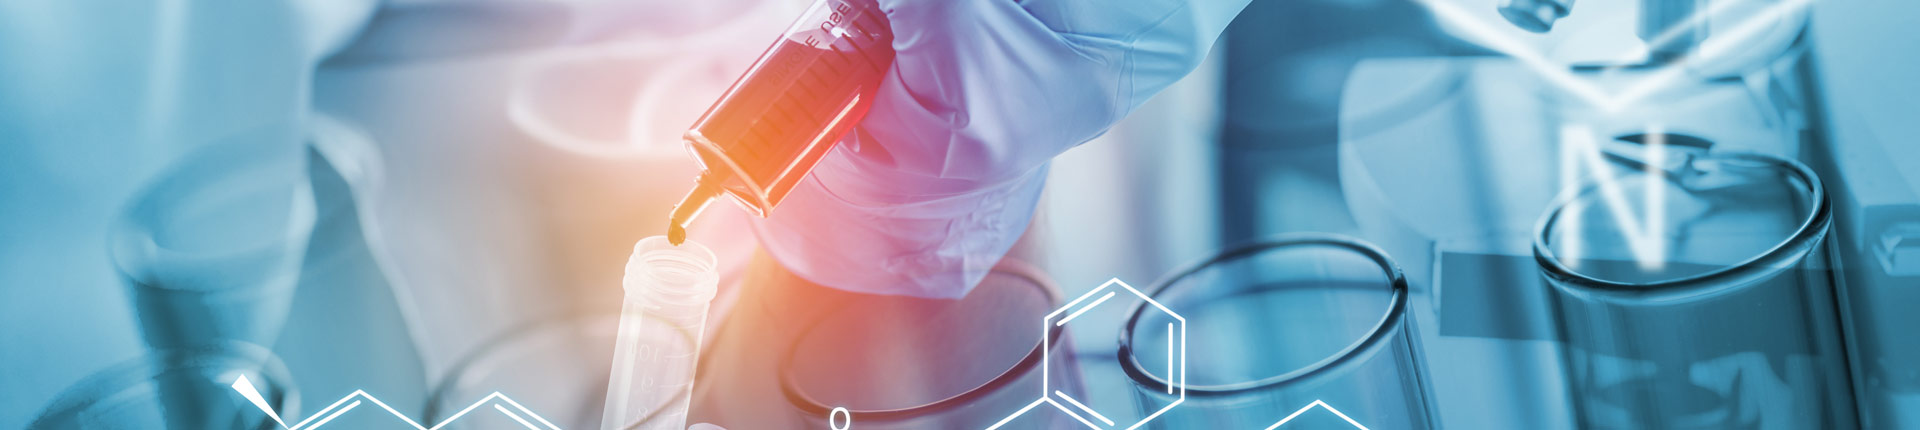 Zapotrzebowanie kulturystów na węglowodany, białko i tłuszcze w świetle badań naukowych